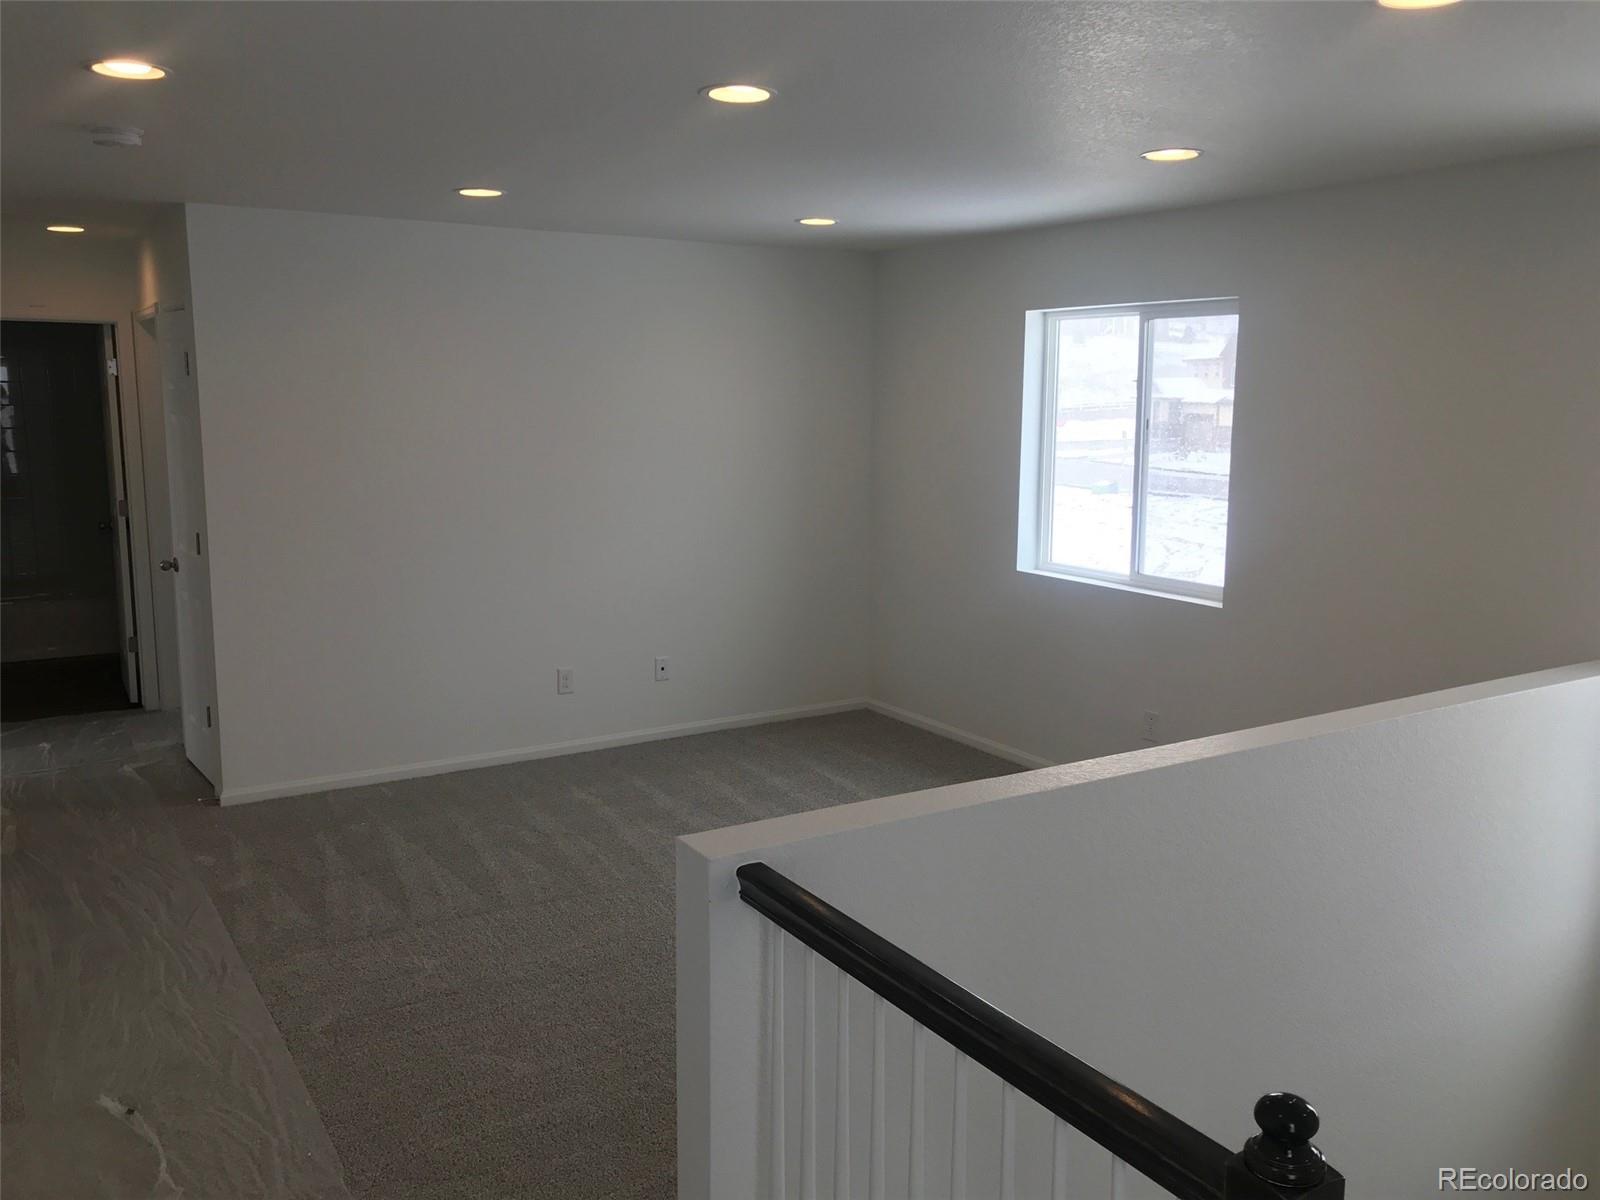 MLS# 2650174 - 6 - 3531 Arlen Way, Castle Rock, CO 80104